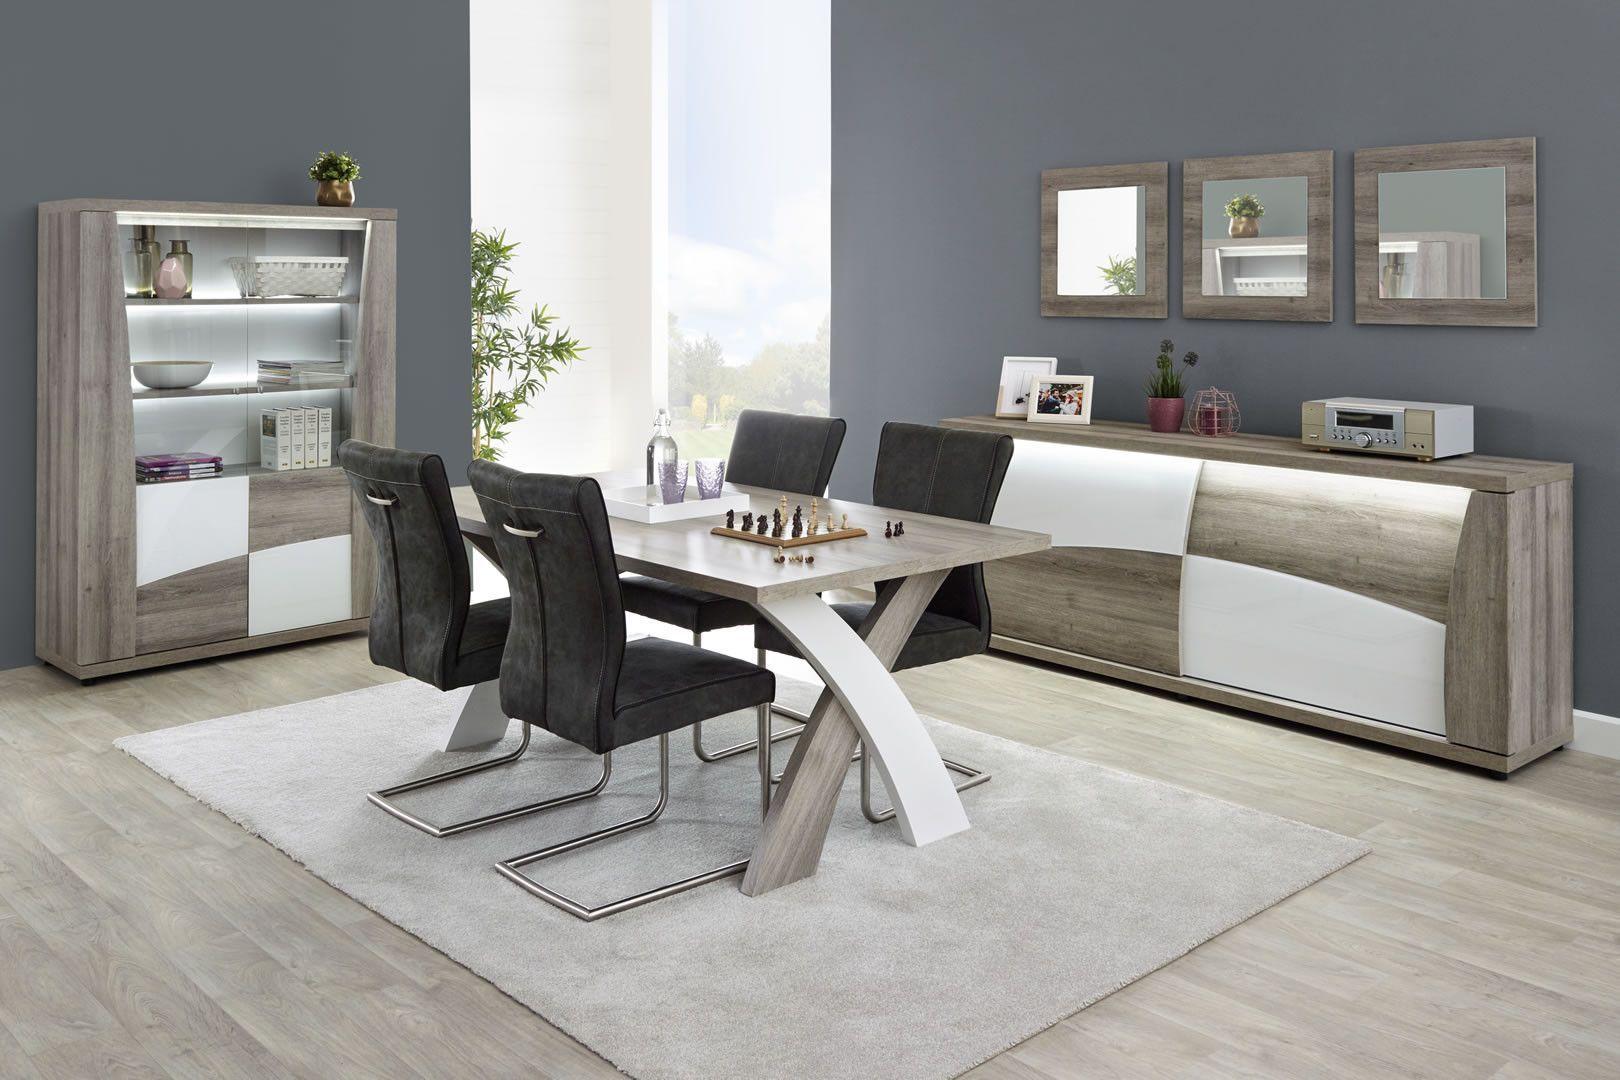 salle manger avec clairage led kristen. Black Bedroom Furniture Sets. Home Design Ideas